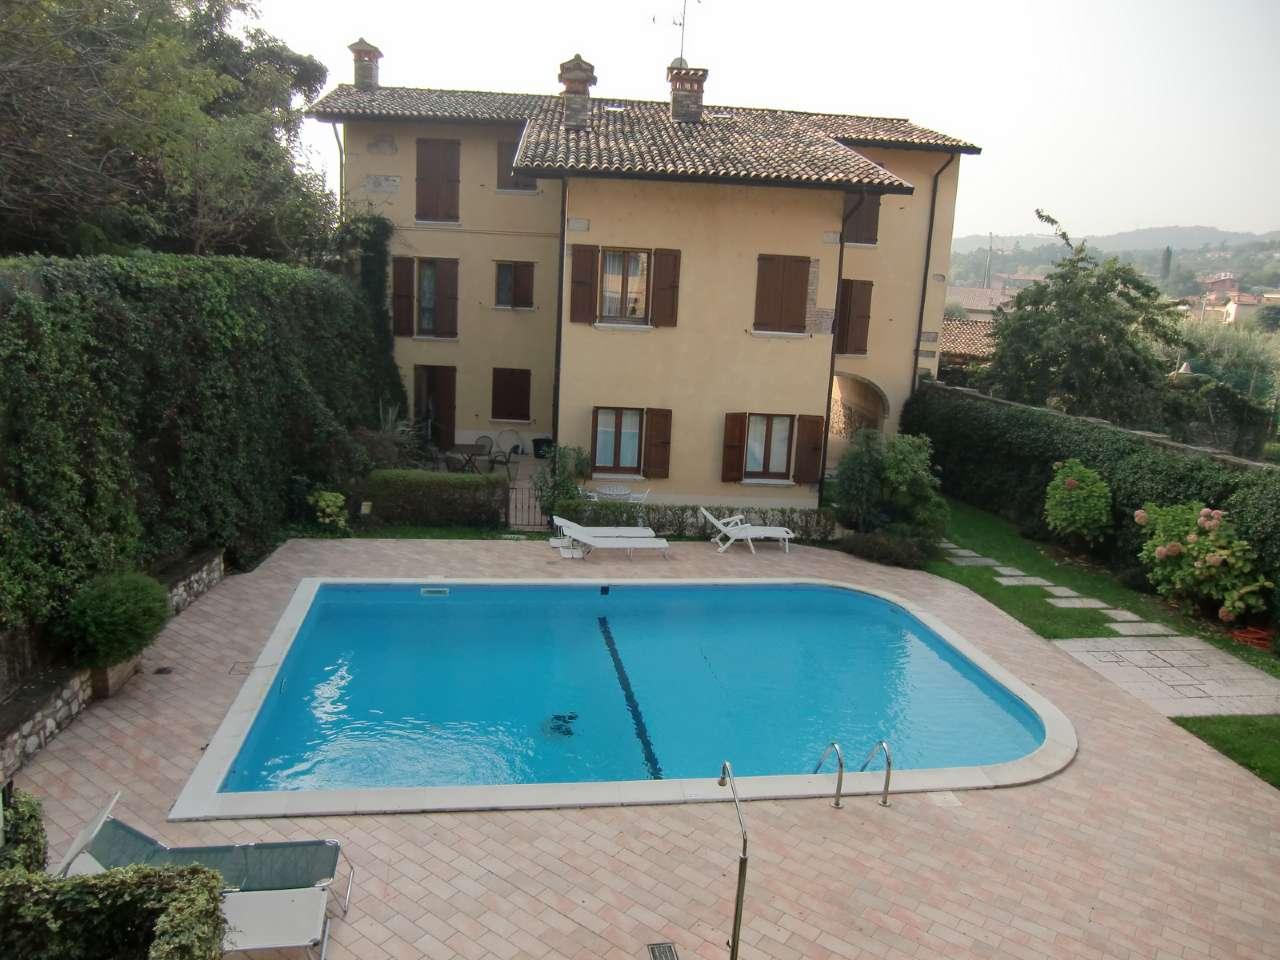 Bilocale arredato con terrazzo in residence con piscina